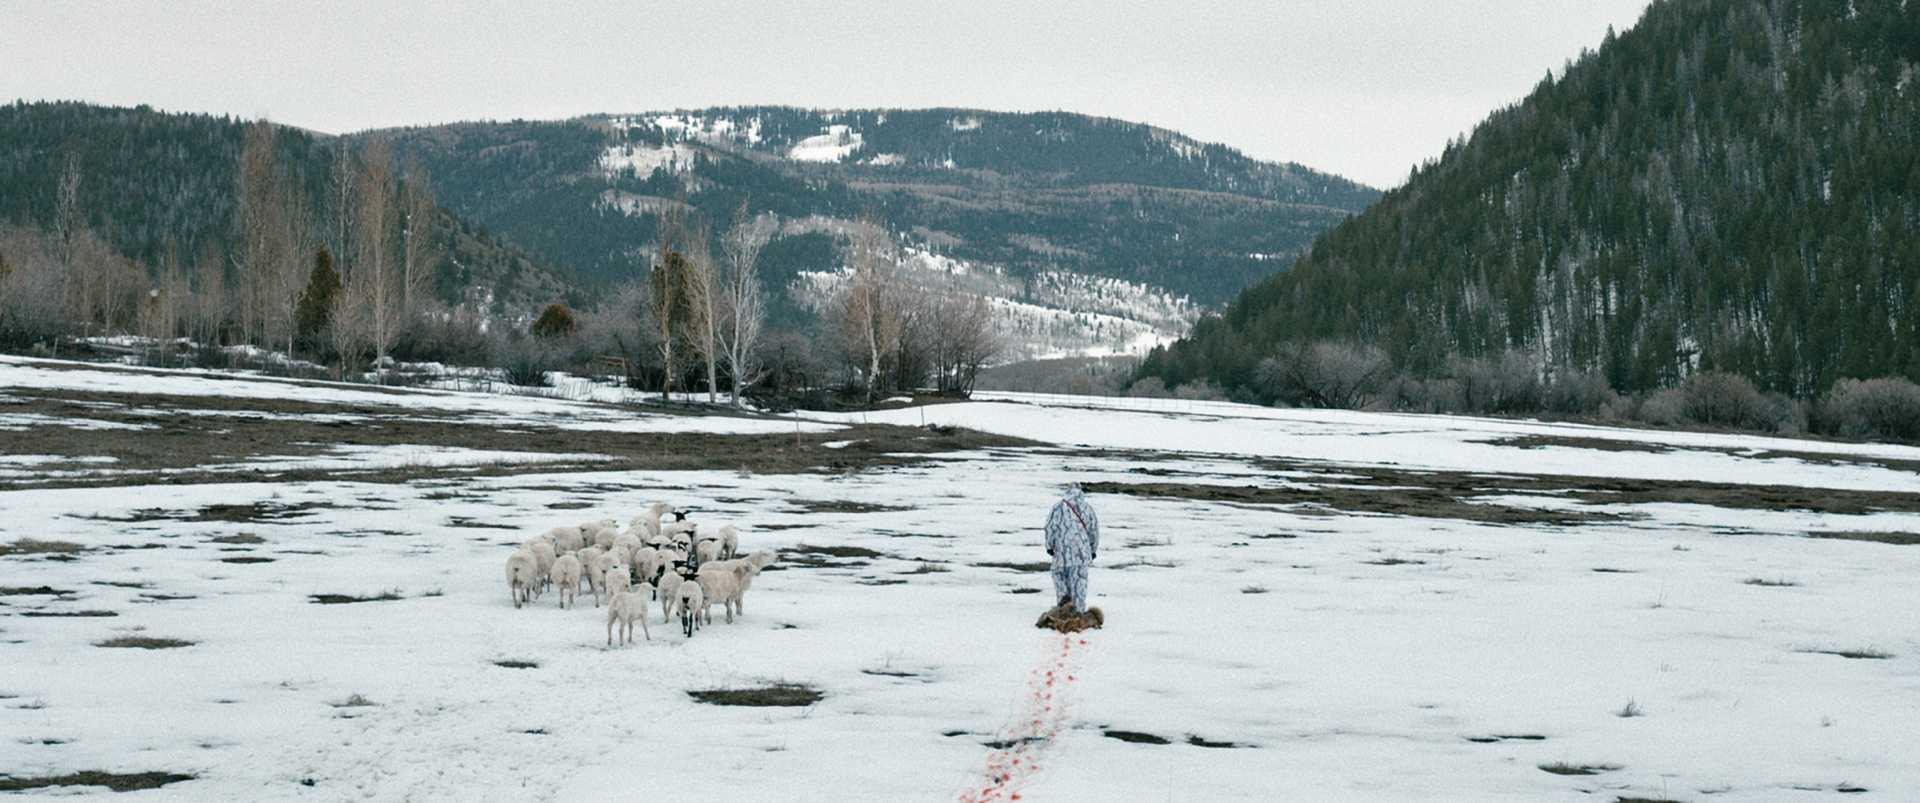 Risultati immagini per wind river cinematography